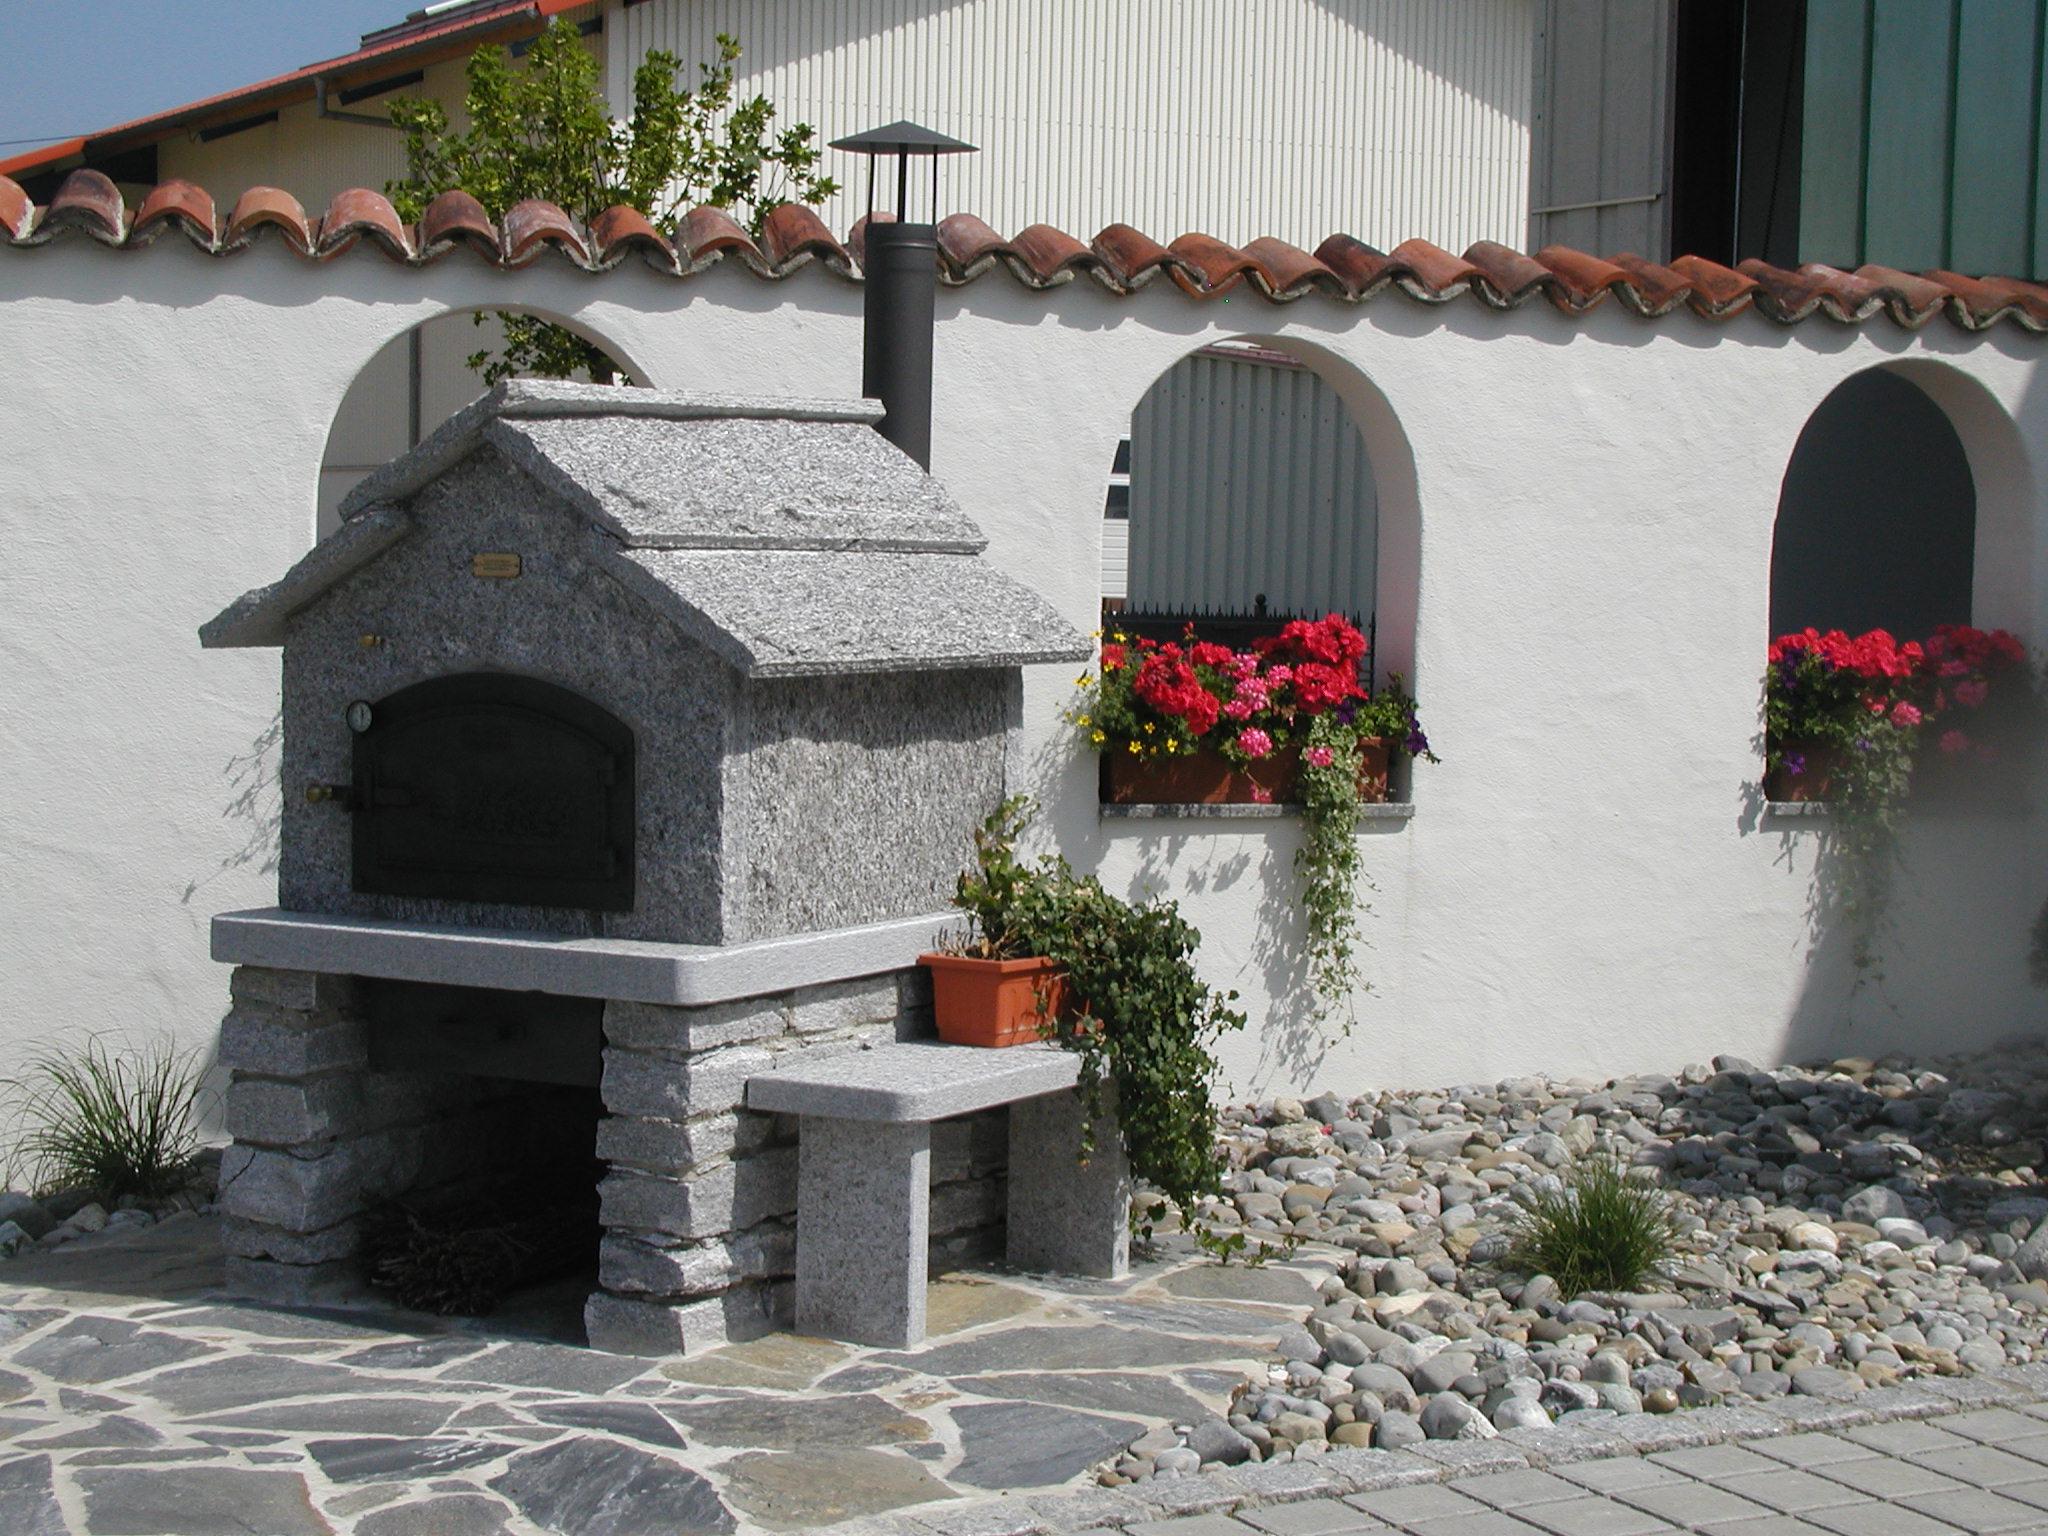 naturnah gesund bauen wohnen leben holzbackofen bausatz ii. Black Bedroom Furniture Sets. Home Design Ideas